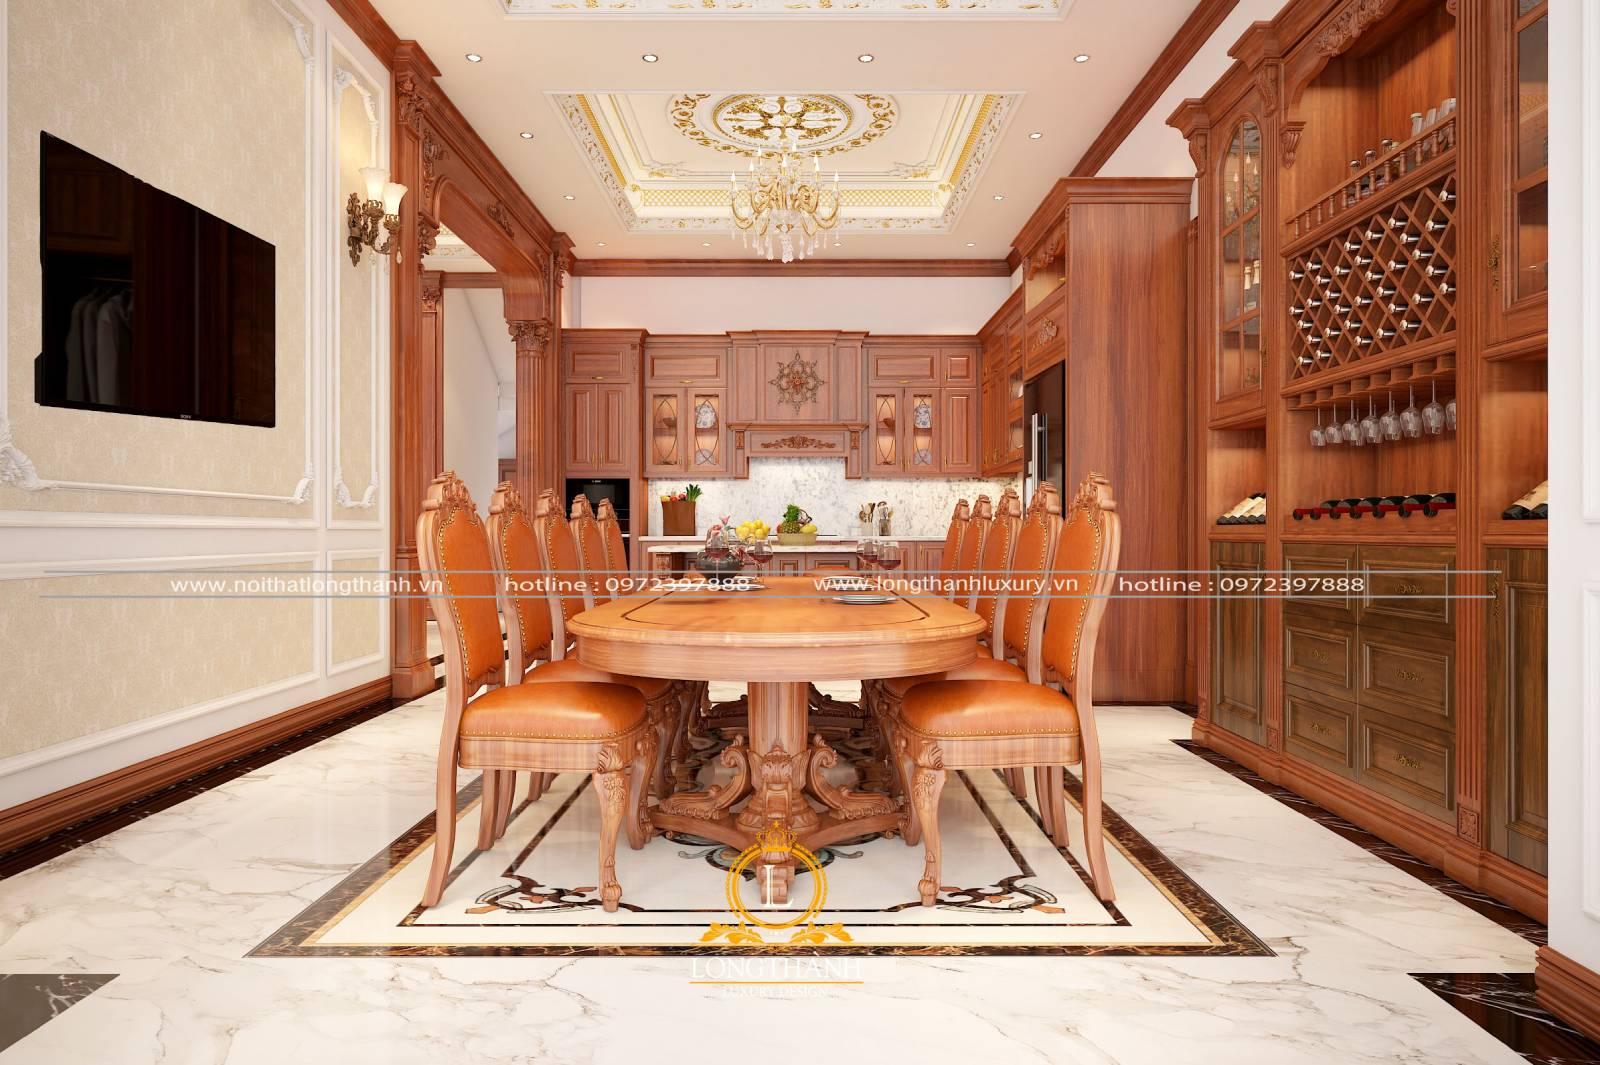 Mẫu bàn ăn sang trọng hiện đại cho không gian thêm phần cao cấp